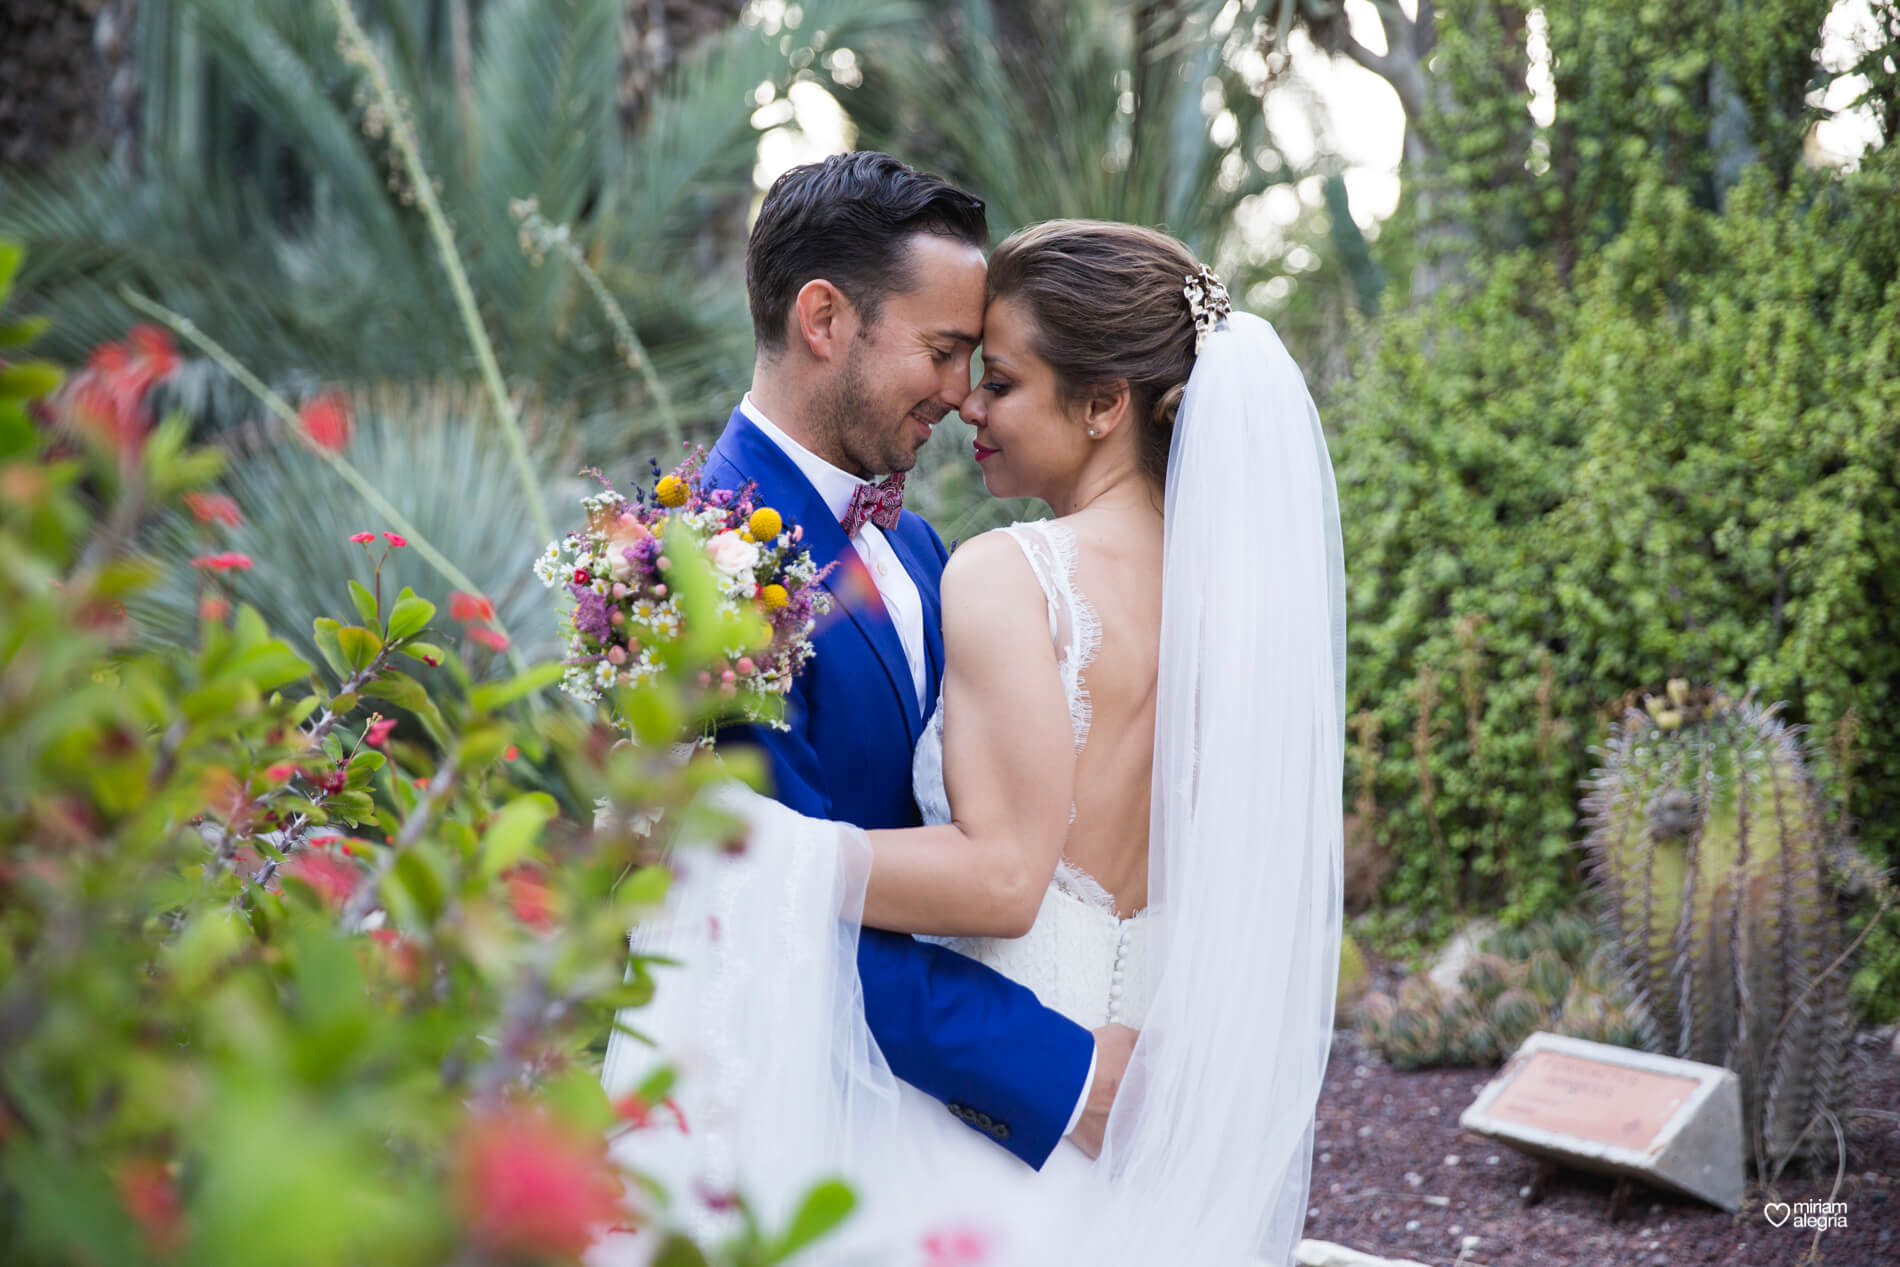 wedding-huerto-del-cura-elche-miriam-alegria-fotografos-boda-39